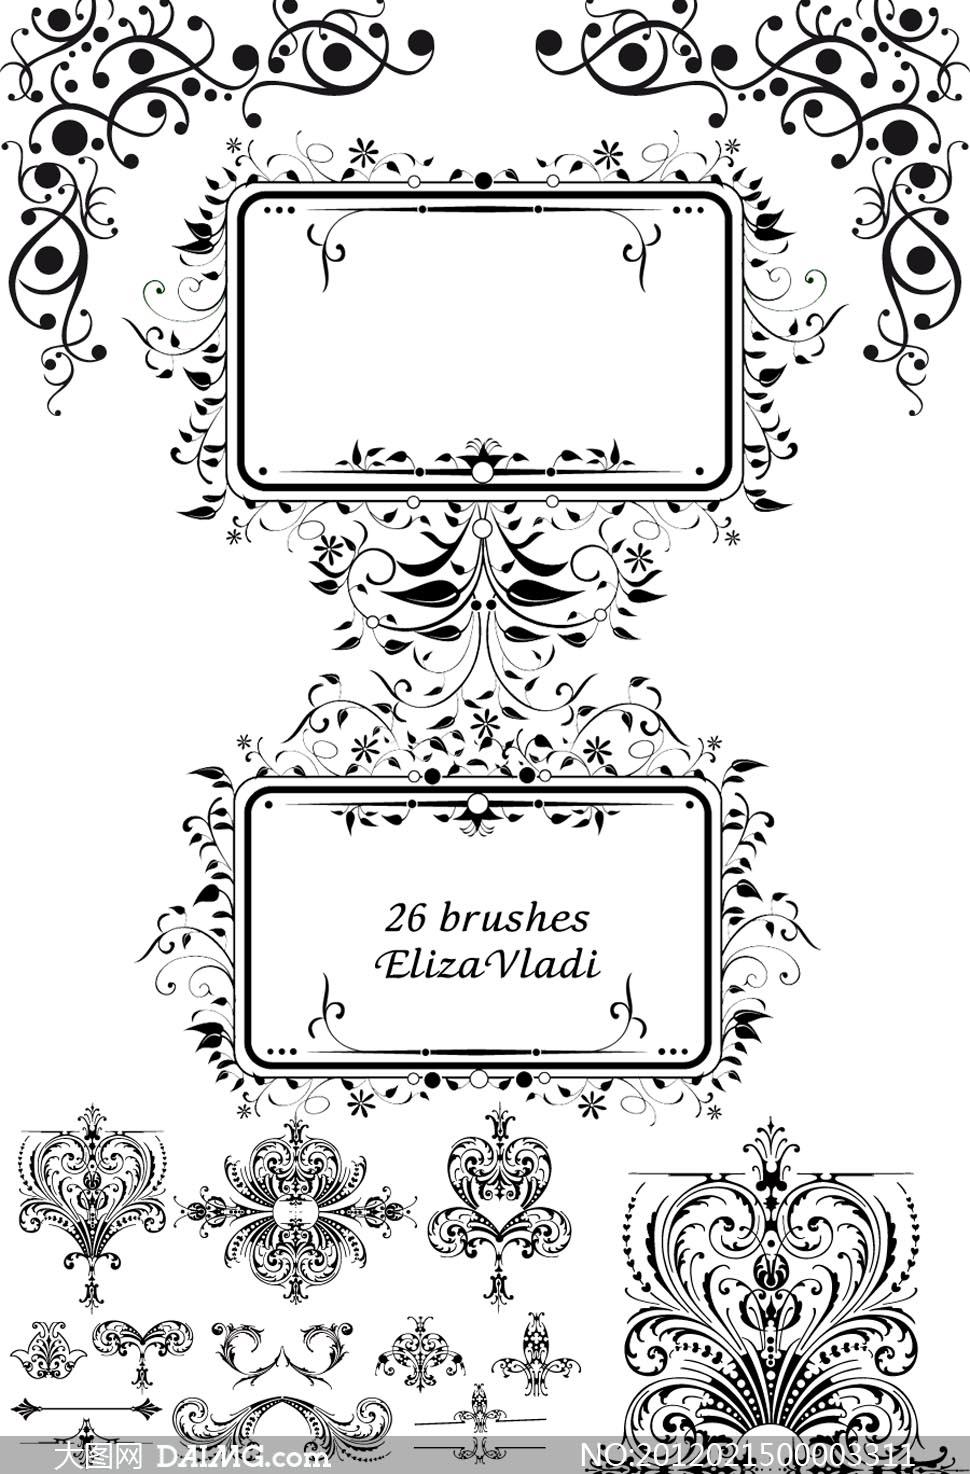 欧式花纹边框笔刷 - 大图网设计素材下载